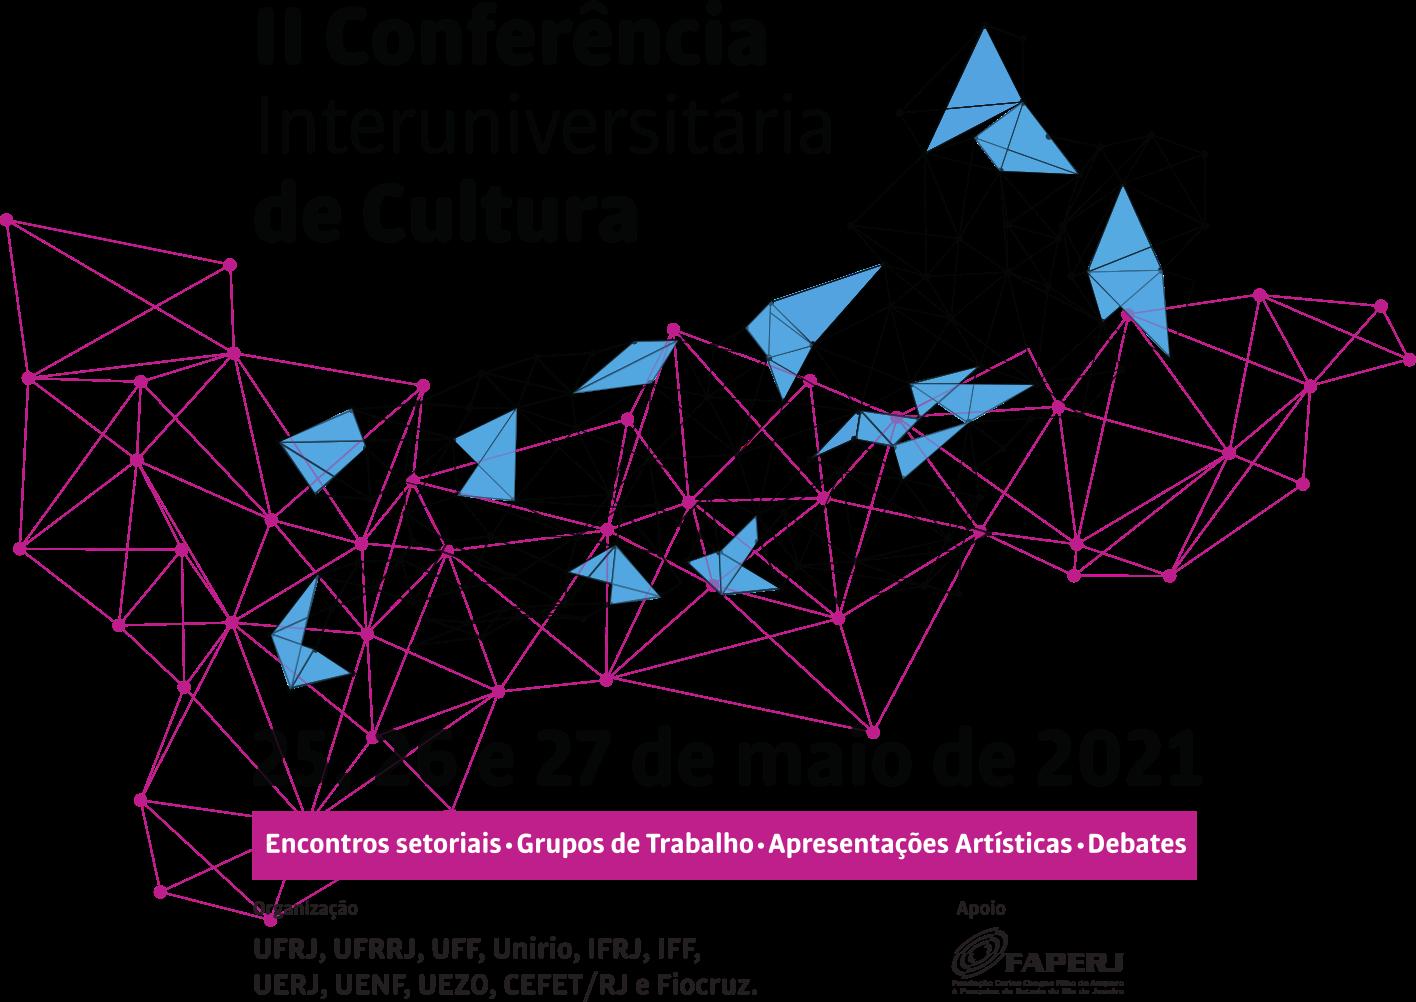 Capa da Segunda Conferência Interuniversitária de Cultura do Estado do Rio de Janeiro nos dias 25, 26 e 27 de maio de 2021.